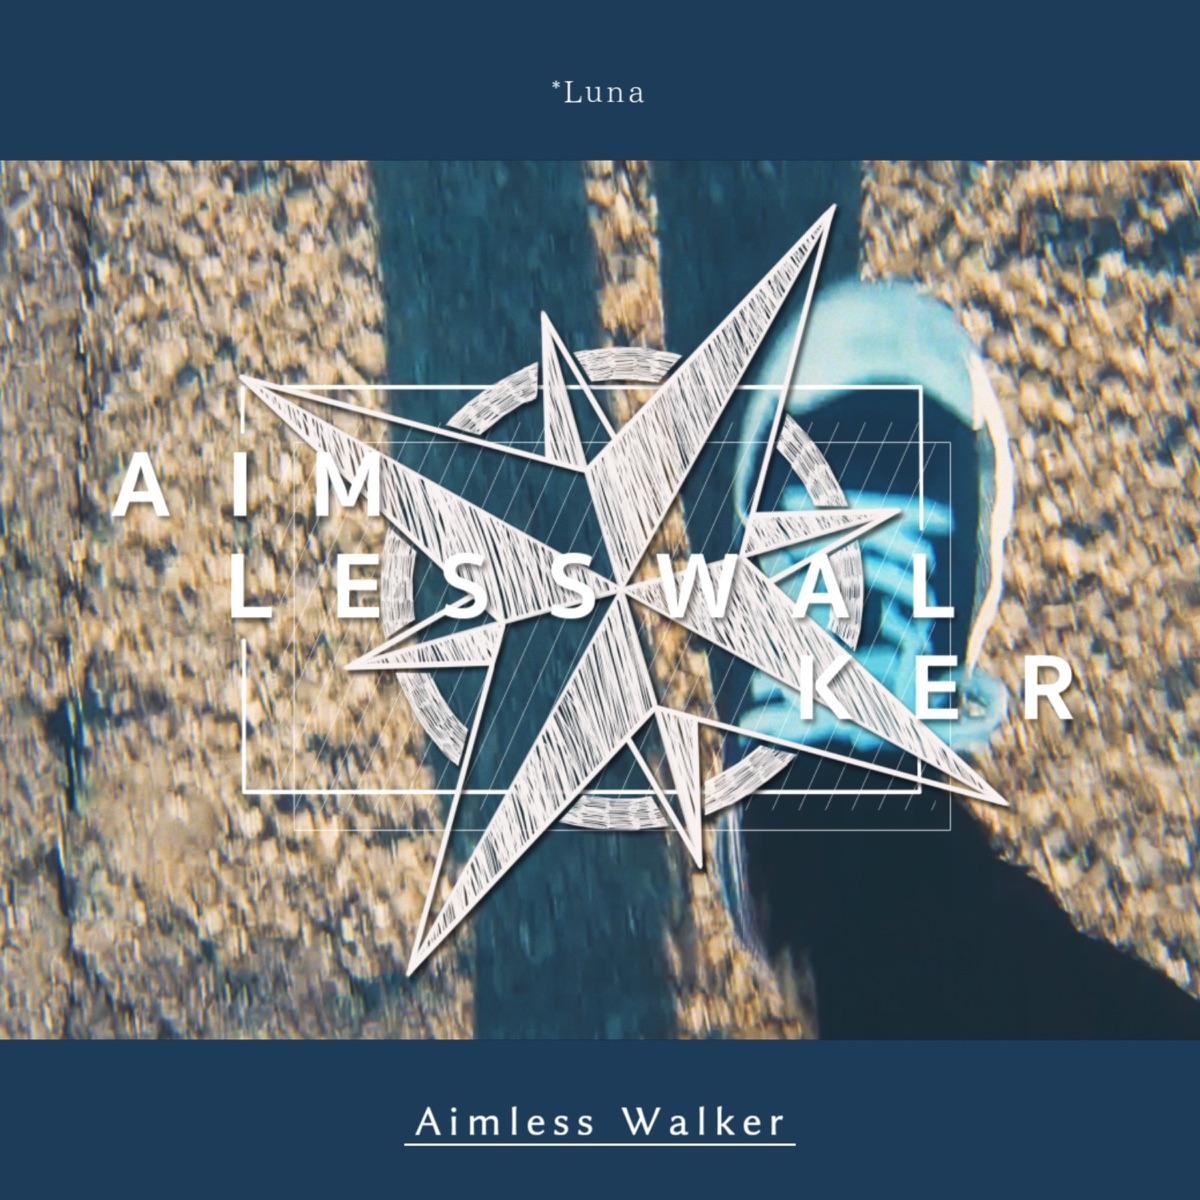 『*Luna - エイムレスウォーカー』収録の『エイムレスウォーカー』ジャケット